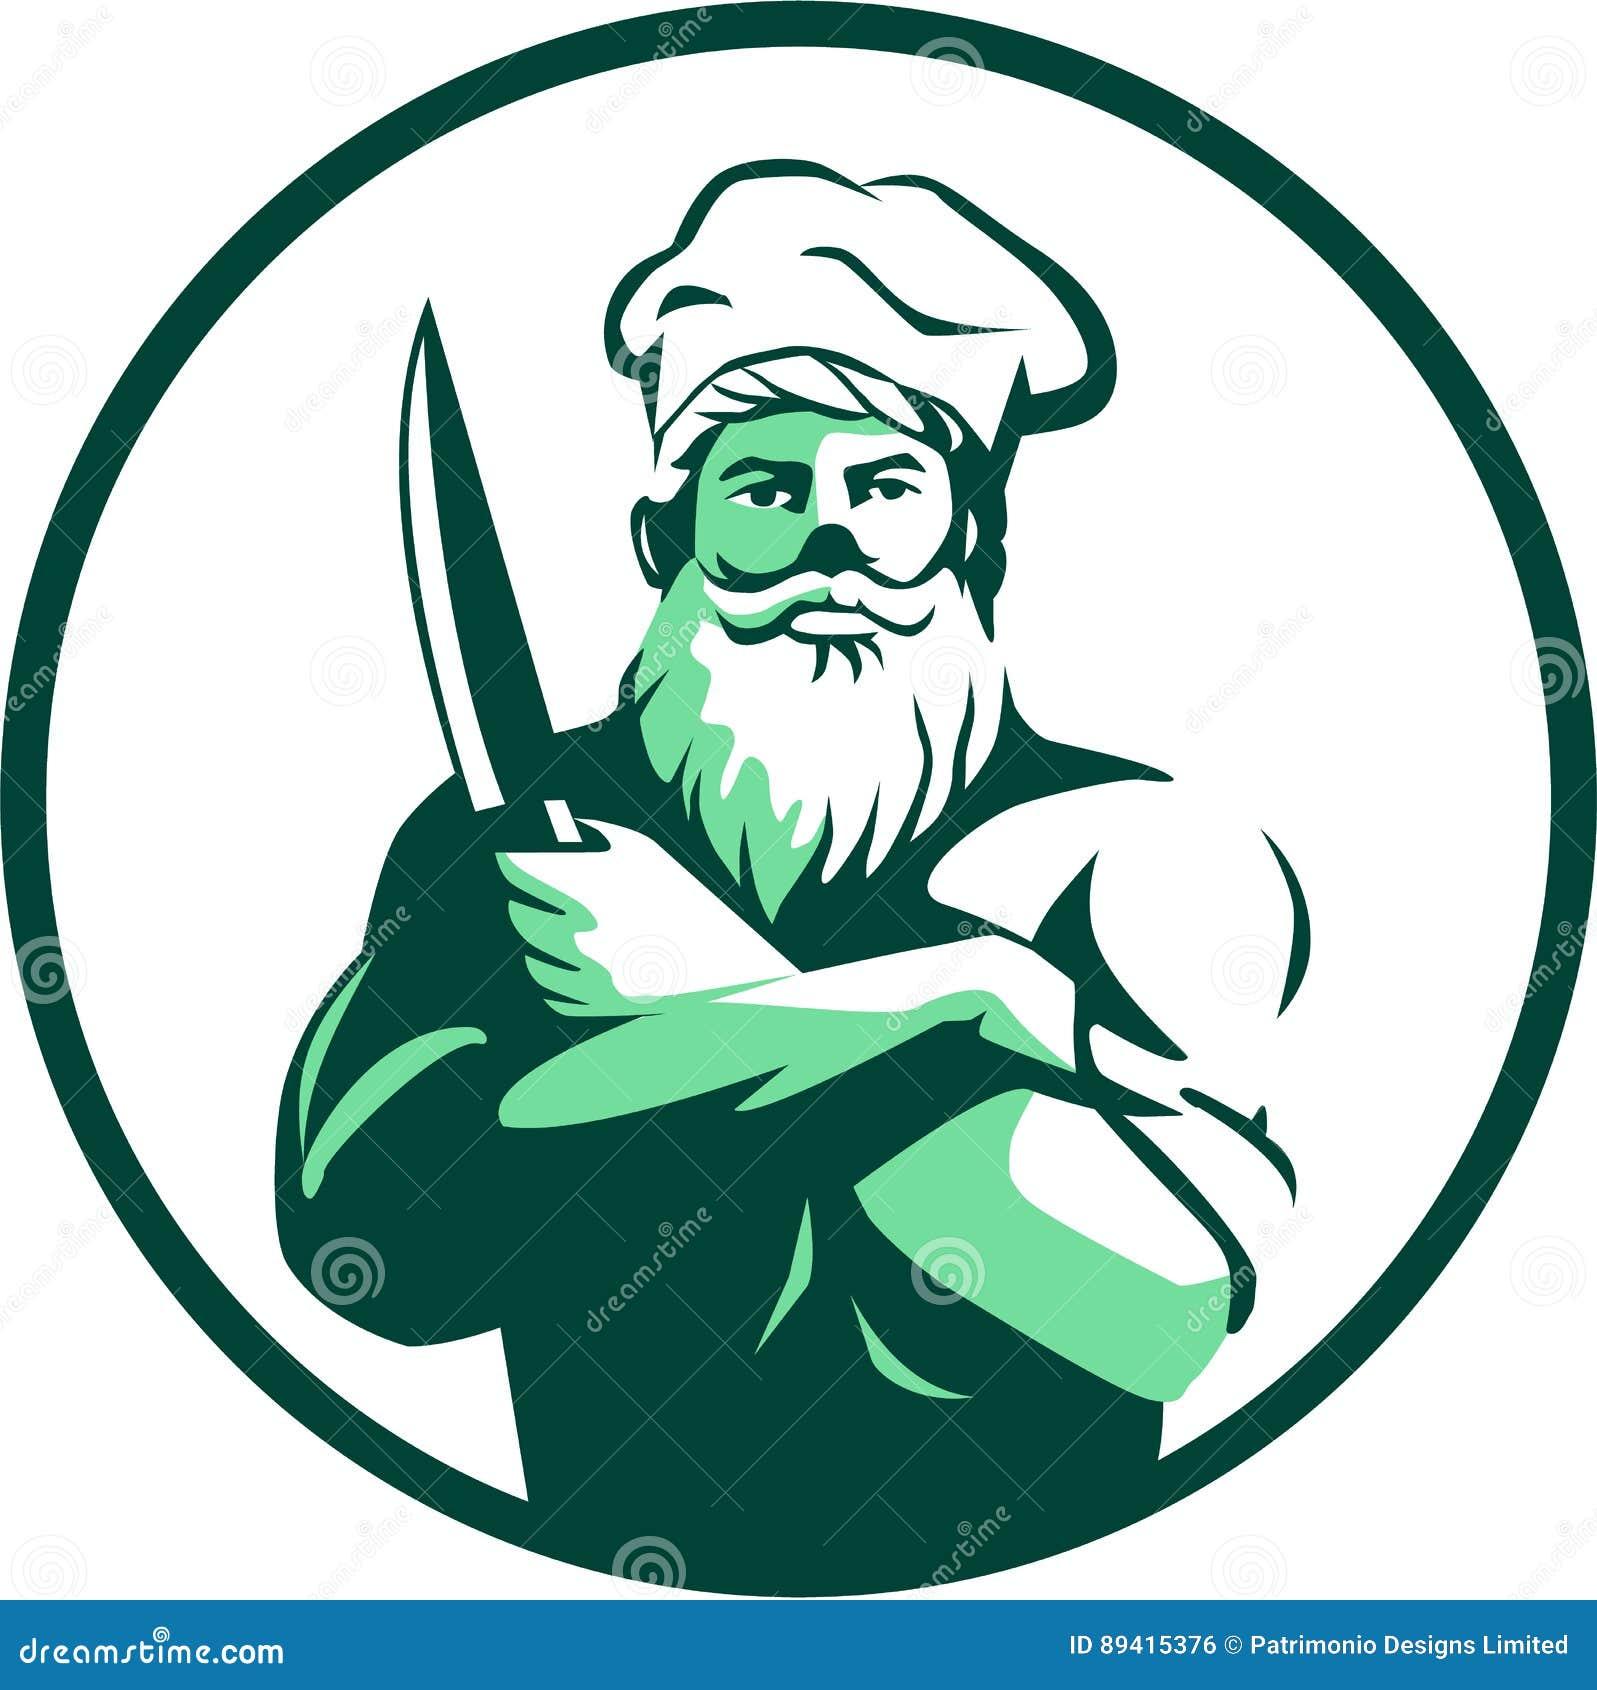 Círculo farpado de Arms Crossed Knife do cozinheiro chefe retro